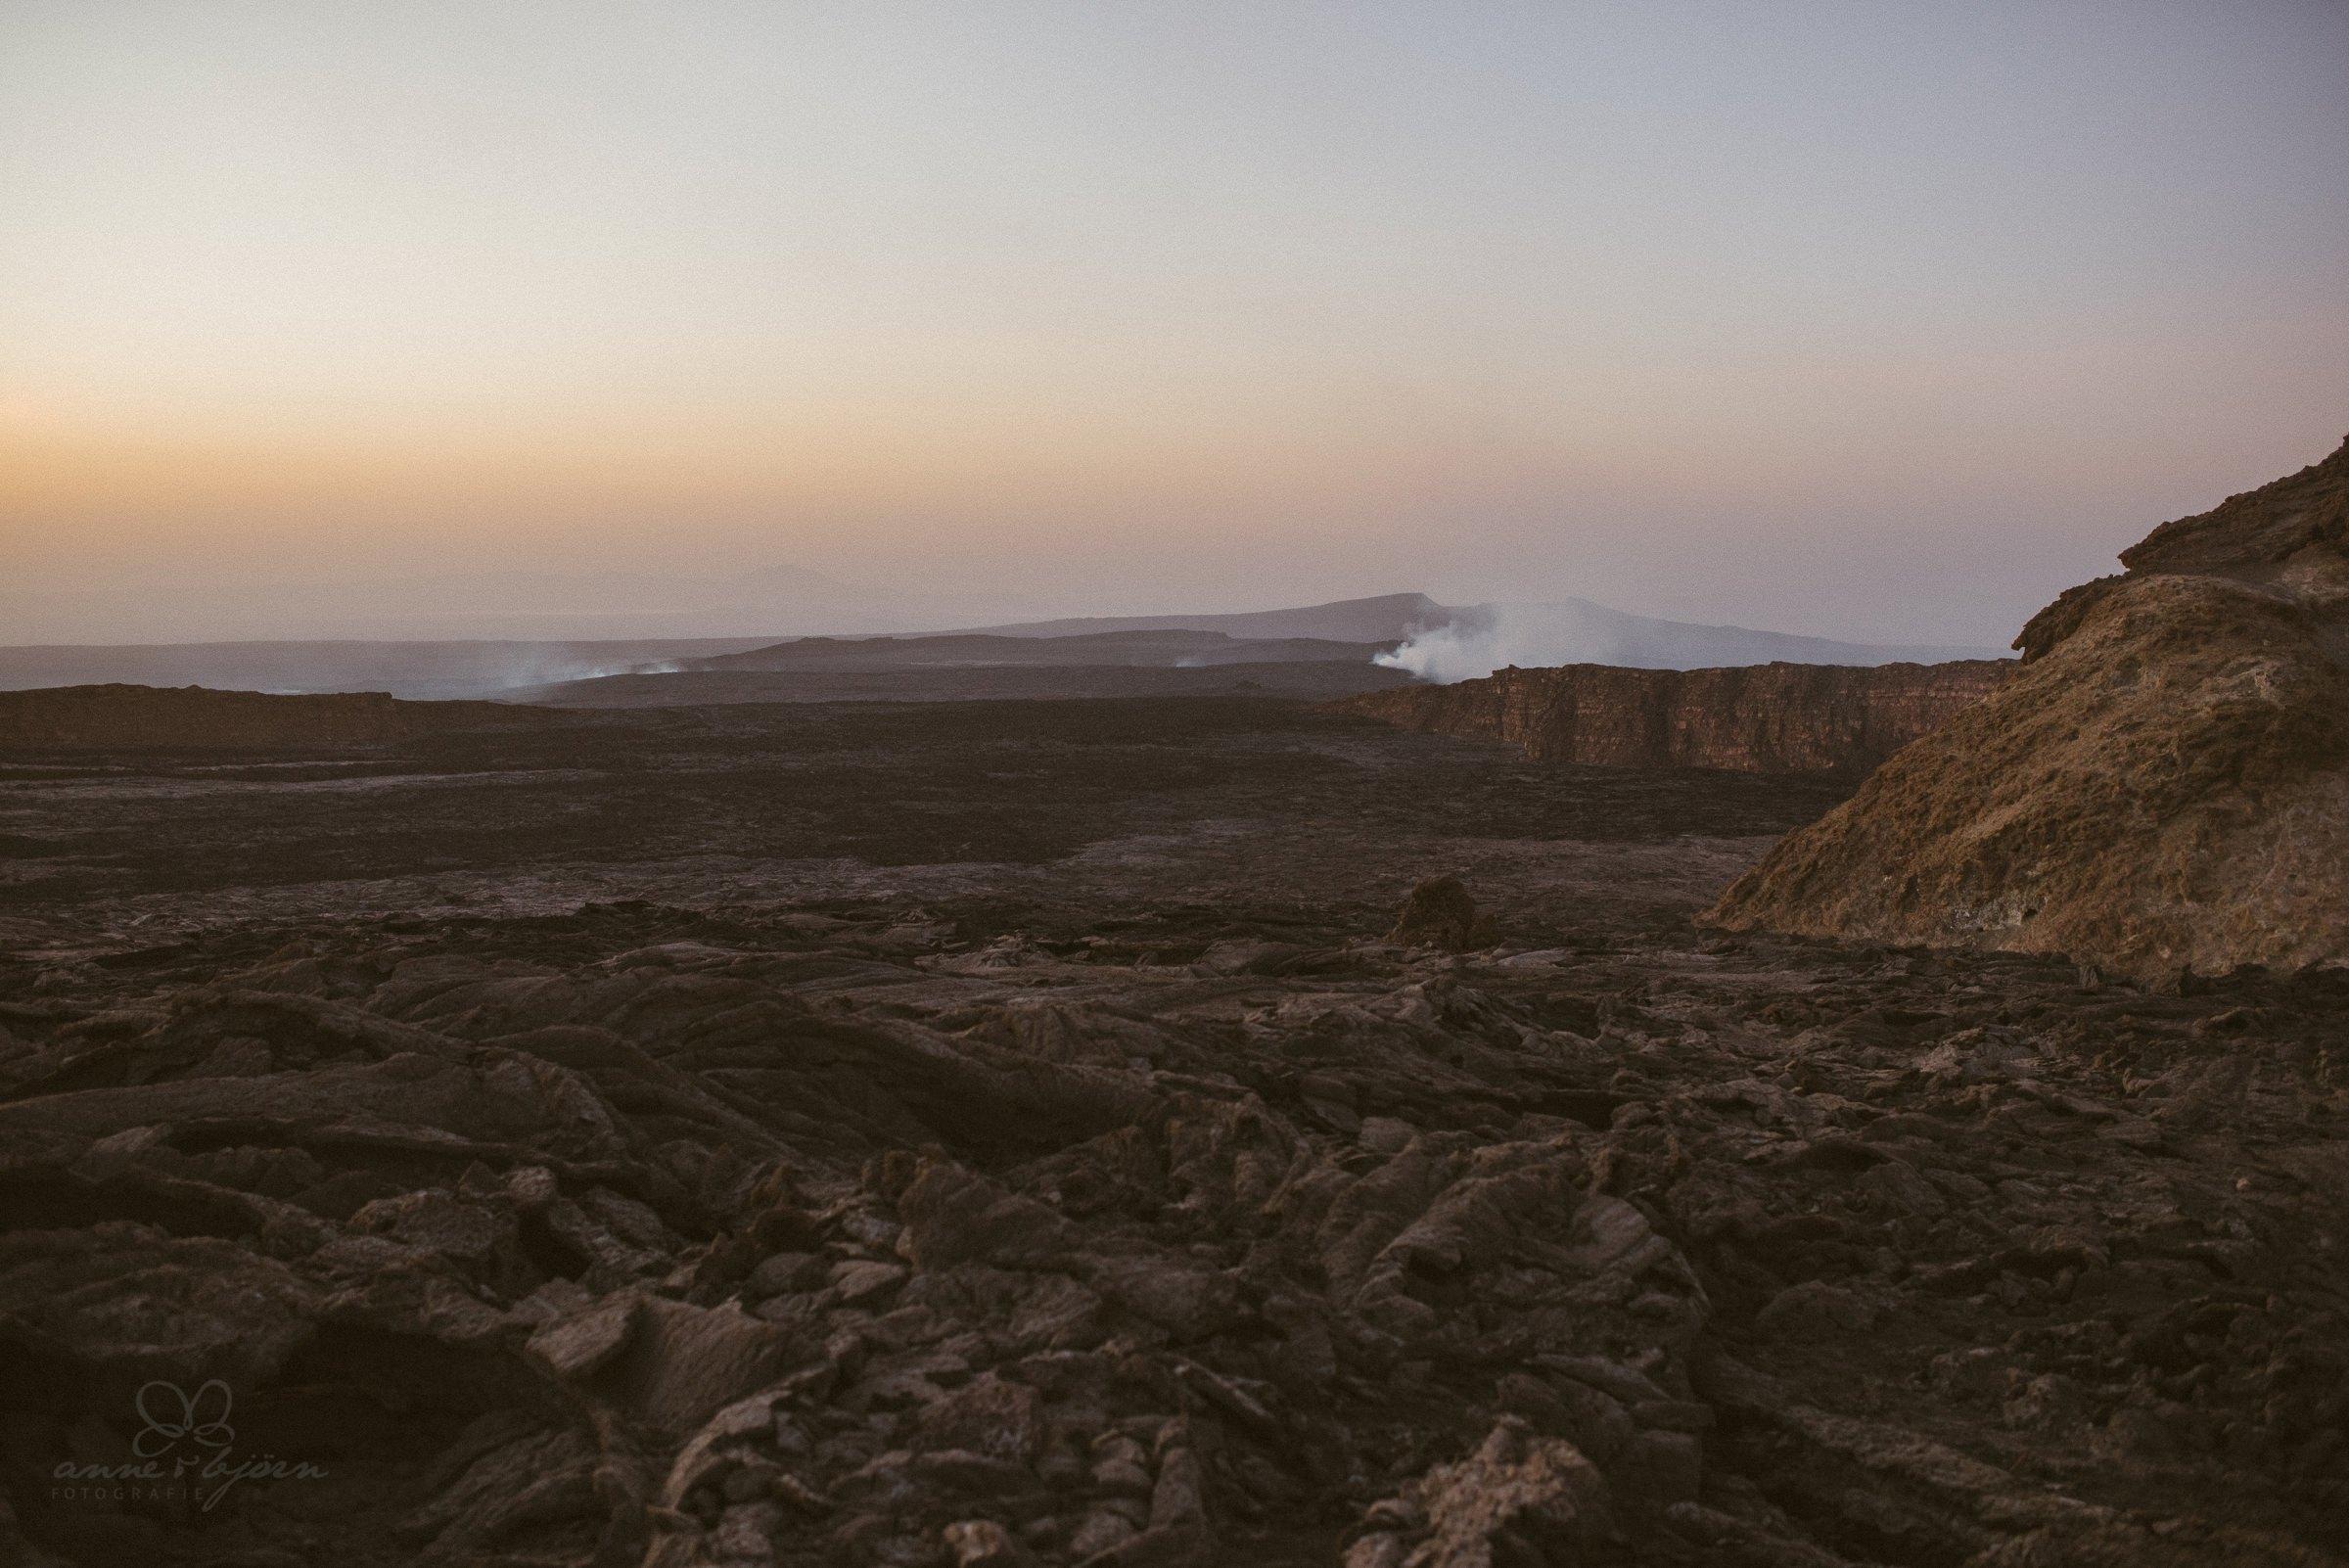 Vulkan, Volcano, Eritrea, Äthiopien, Rauch, Mondlandschaft